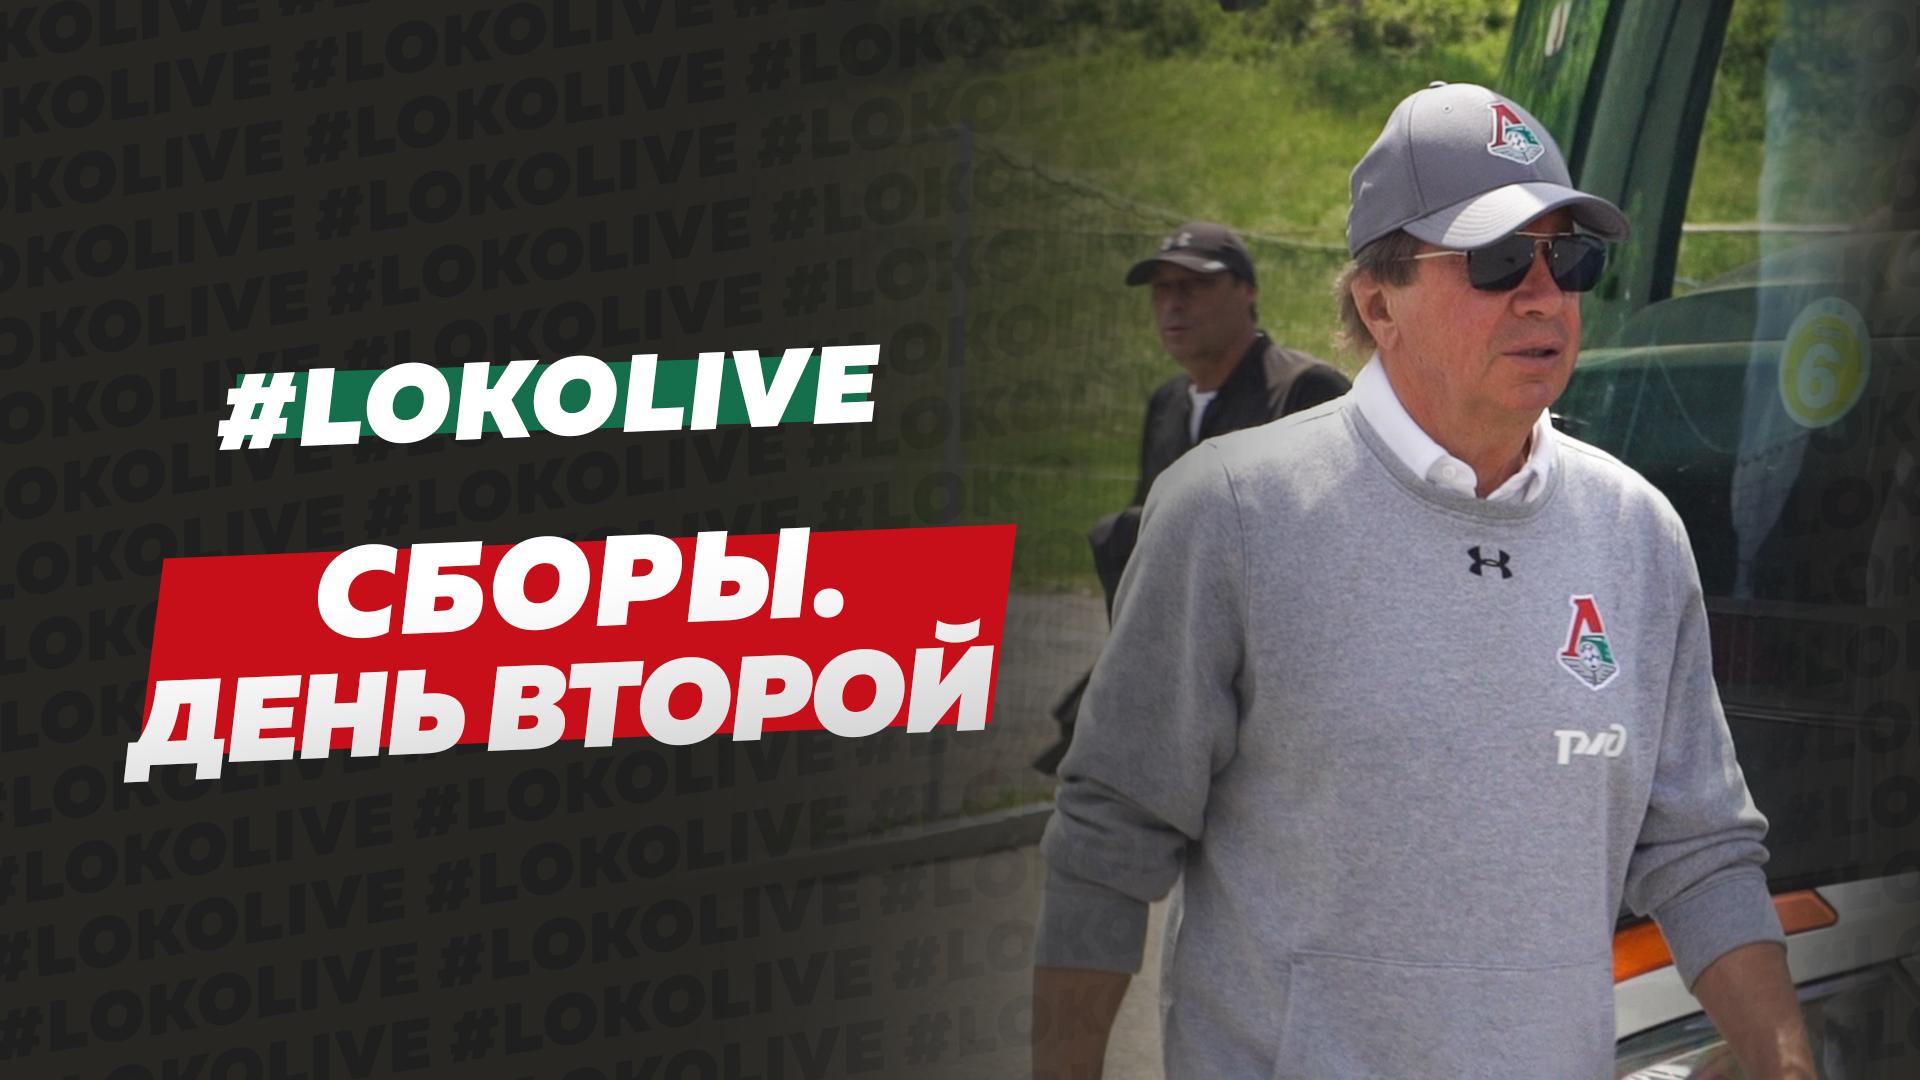 #LokoLIVE // Cборы. День второй